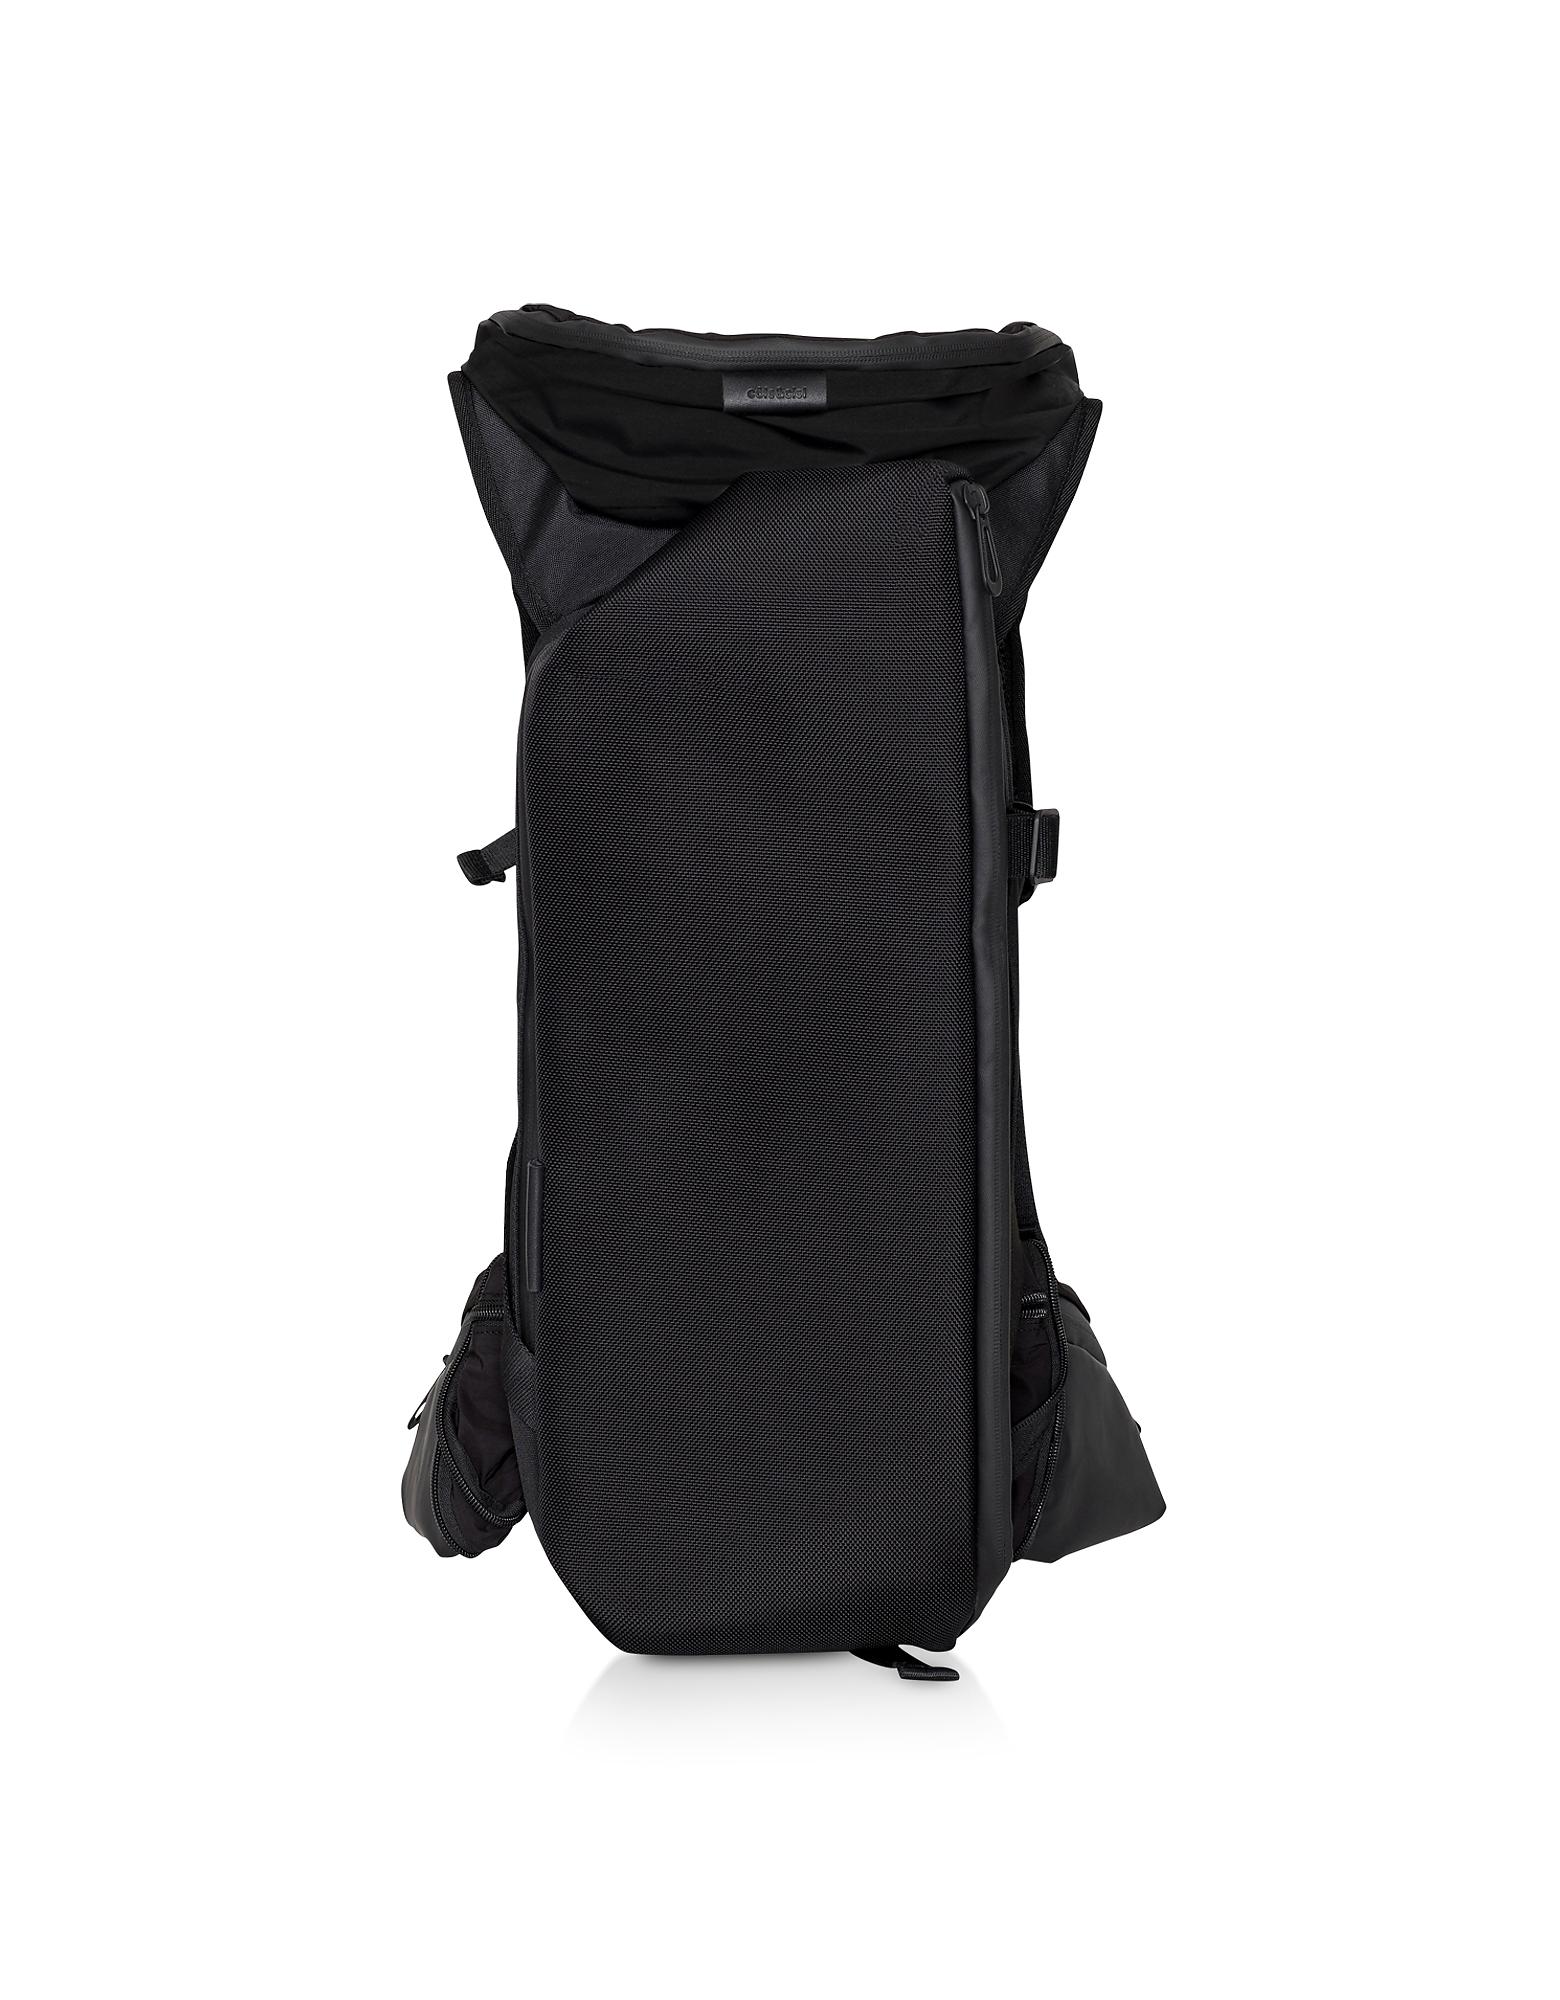 Ashokan Black Ballistic Nylon Backpack